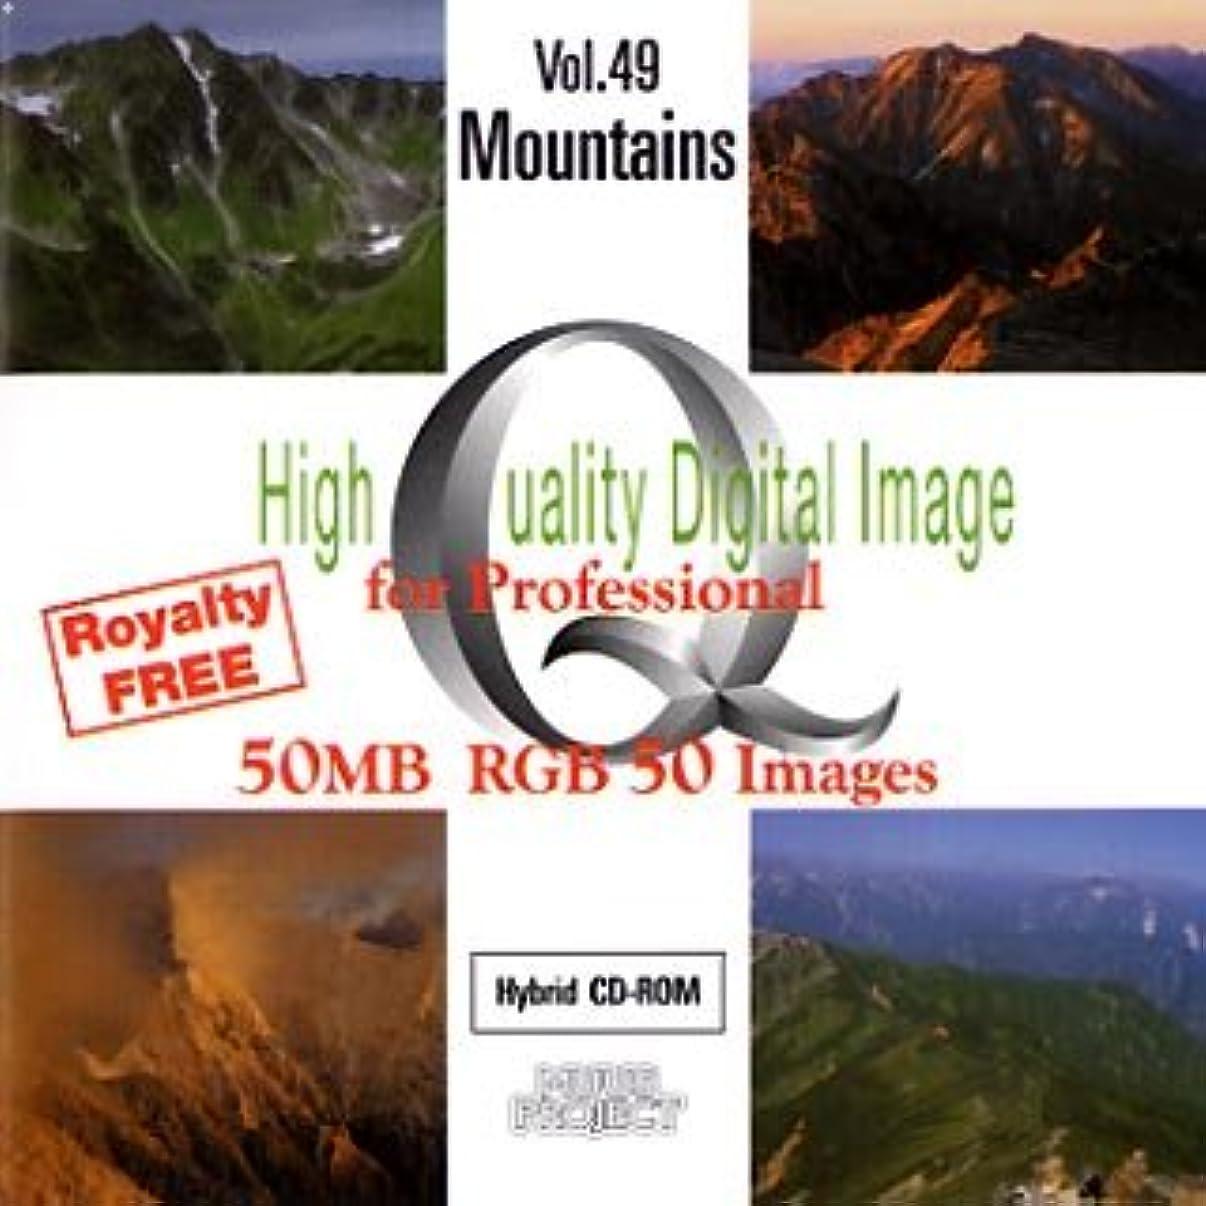 かどうかバーゲン住むHigh Quality Digital Image for Professional Vol.49 Mountains